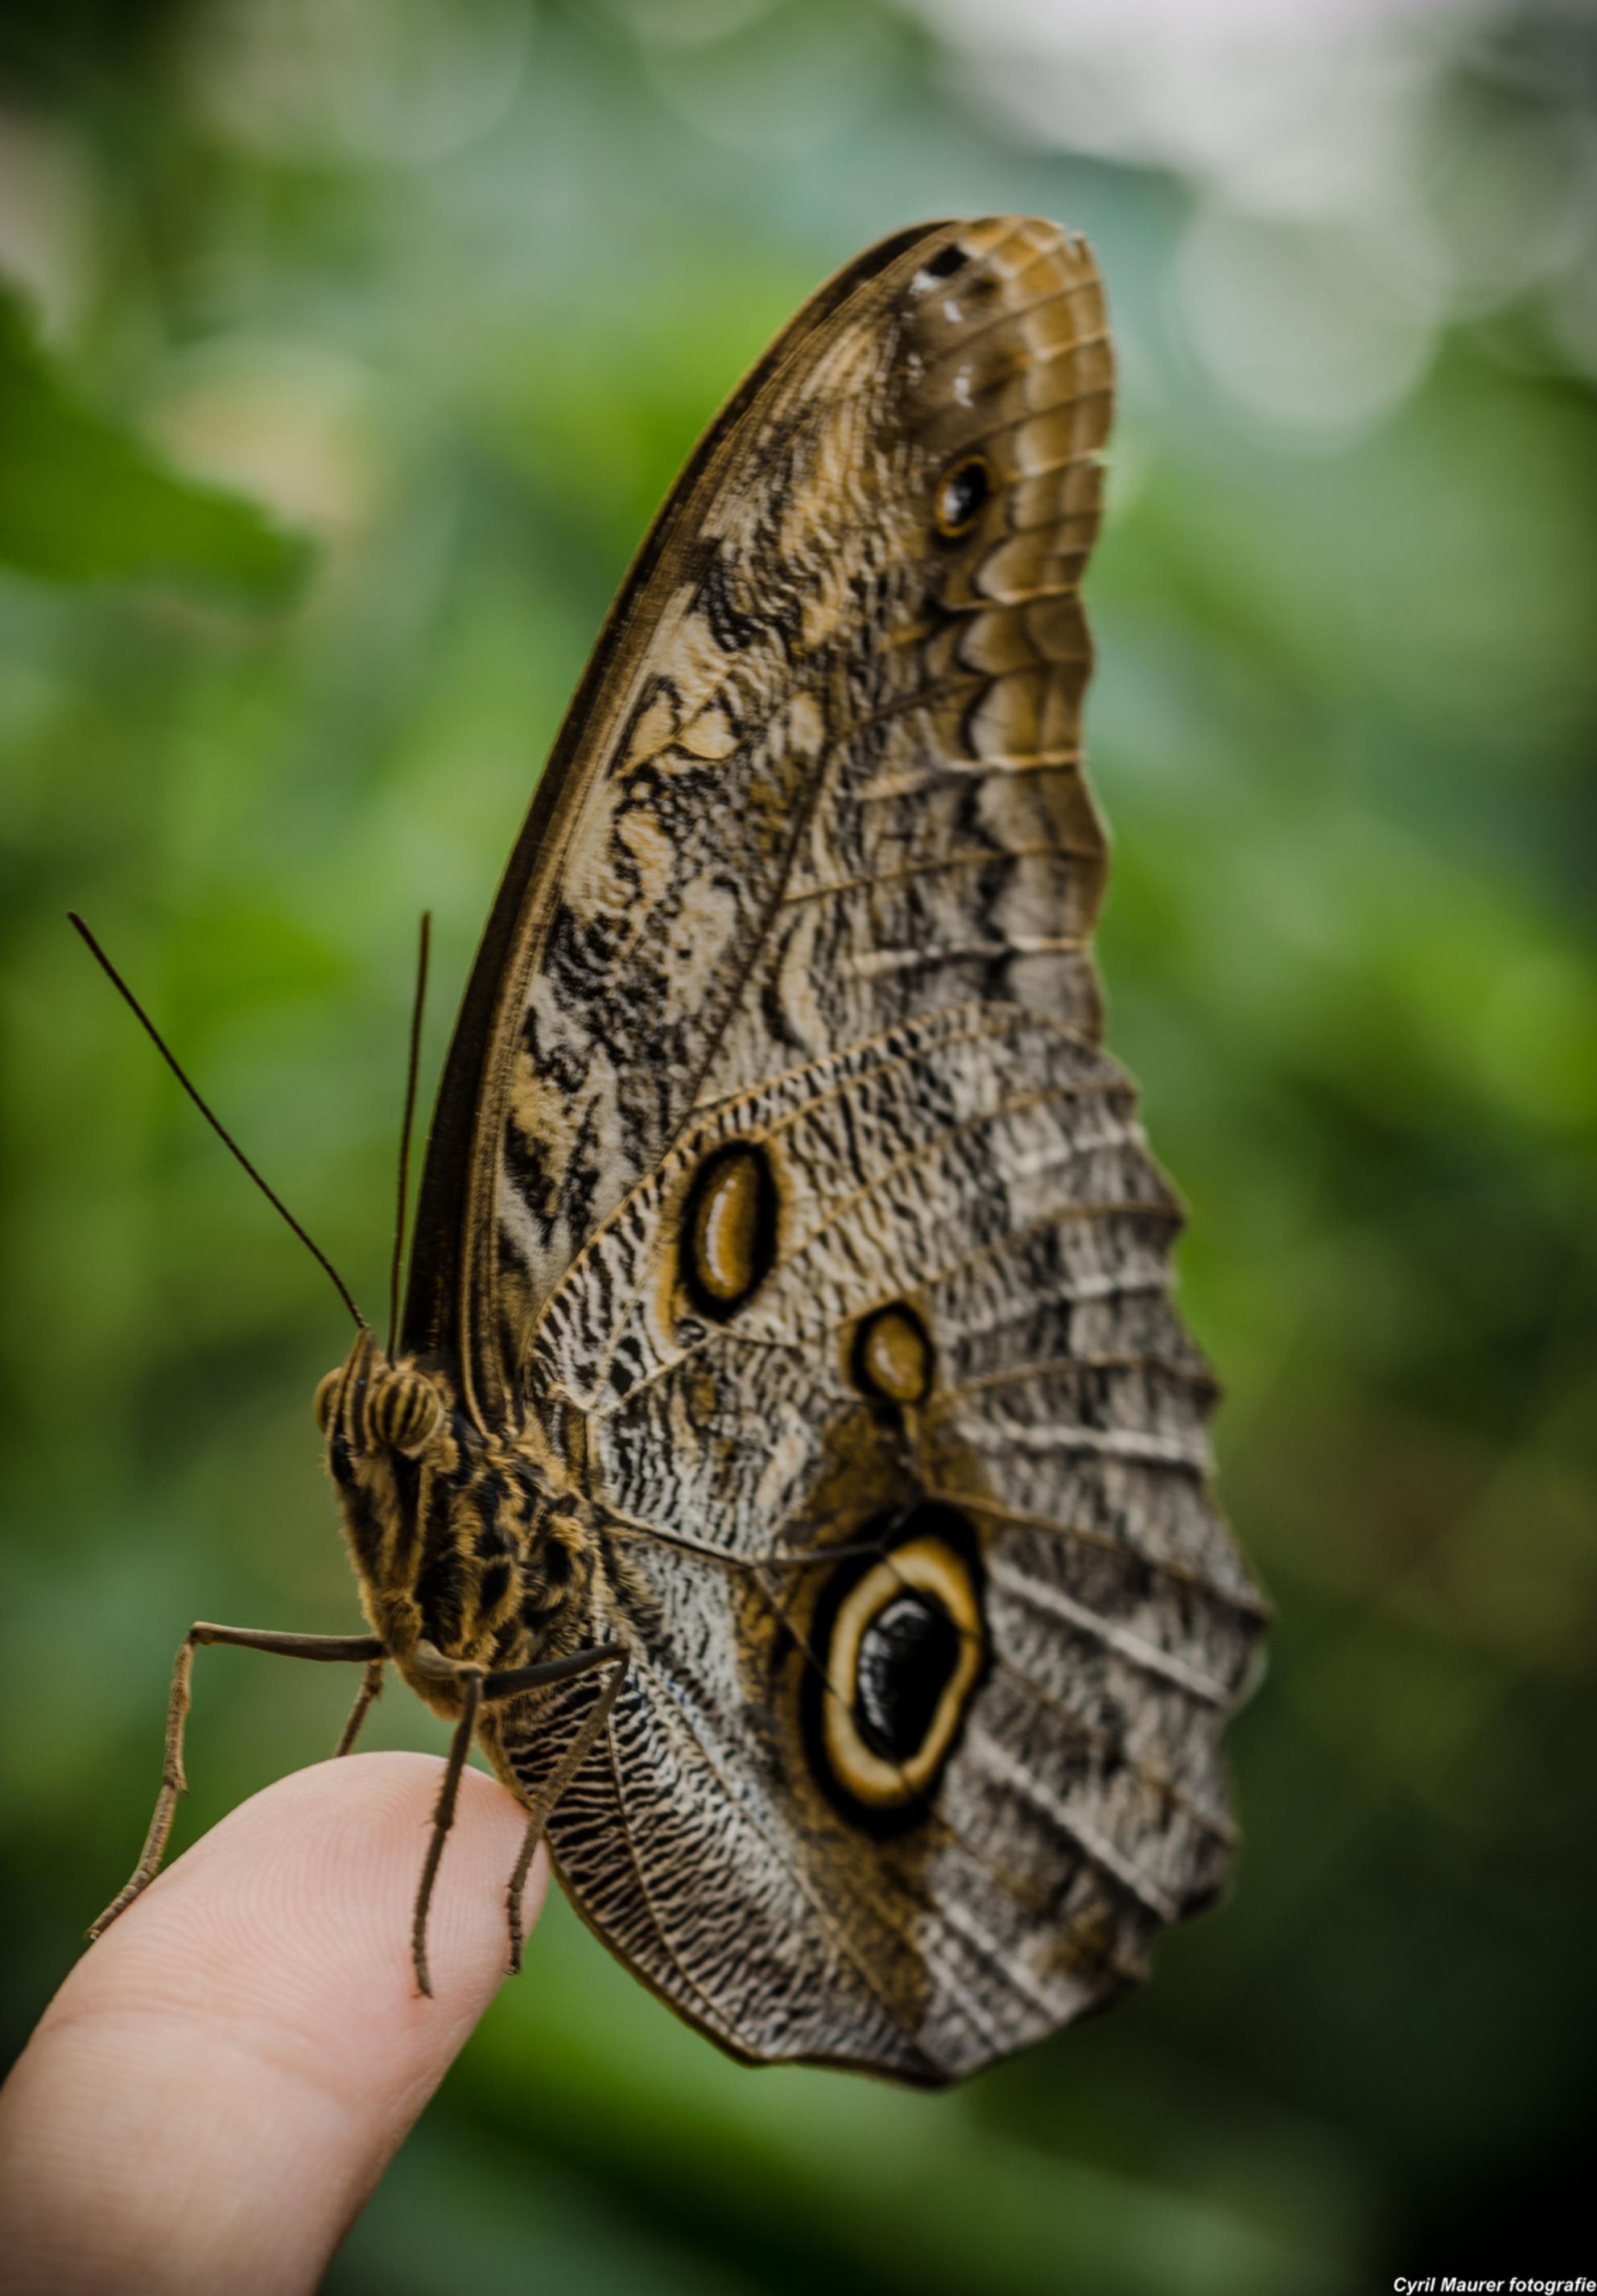 Butterfly resting on a finger - Dit is een uit een me laatste bezoeken aan de botanische tuinen Utrecht . Nu is de vlinder kas dicht inmiddels. Toch best lastig op je vinger en dan  - foto door sipmaurer op 23-09-2015 - deze foto bevat: groen, macro, wit, natuur, vlinder, bruin, geel, zwart, kas, dof, vinger, nazomer, vlinderkas, bokeh, botanische tuinen utrecht - Deze foto mag gebruikt worden in een Zoom.nl publicatie